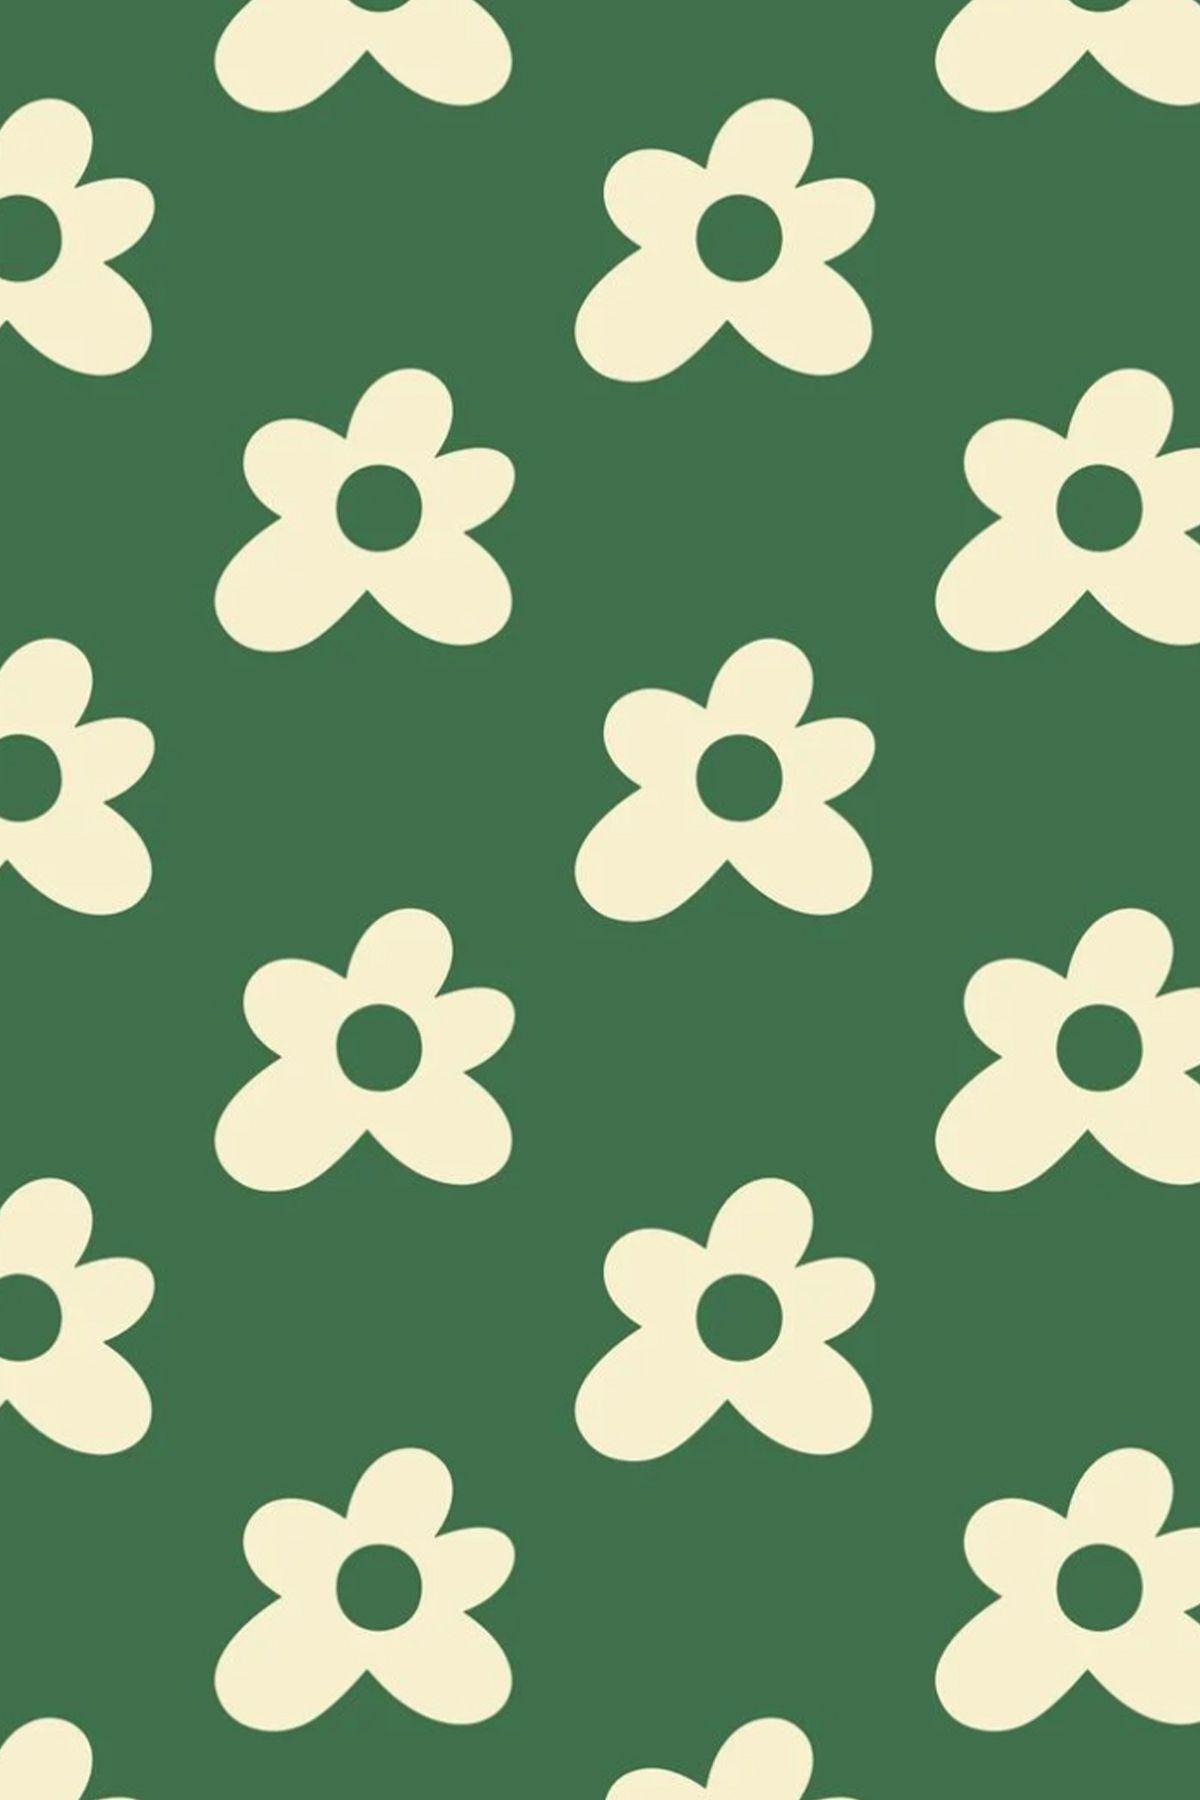 sage green collage kit | sage green aesthetic wallpaper | sage green aesthetic bedroom | collage kit